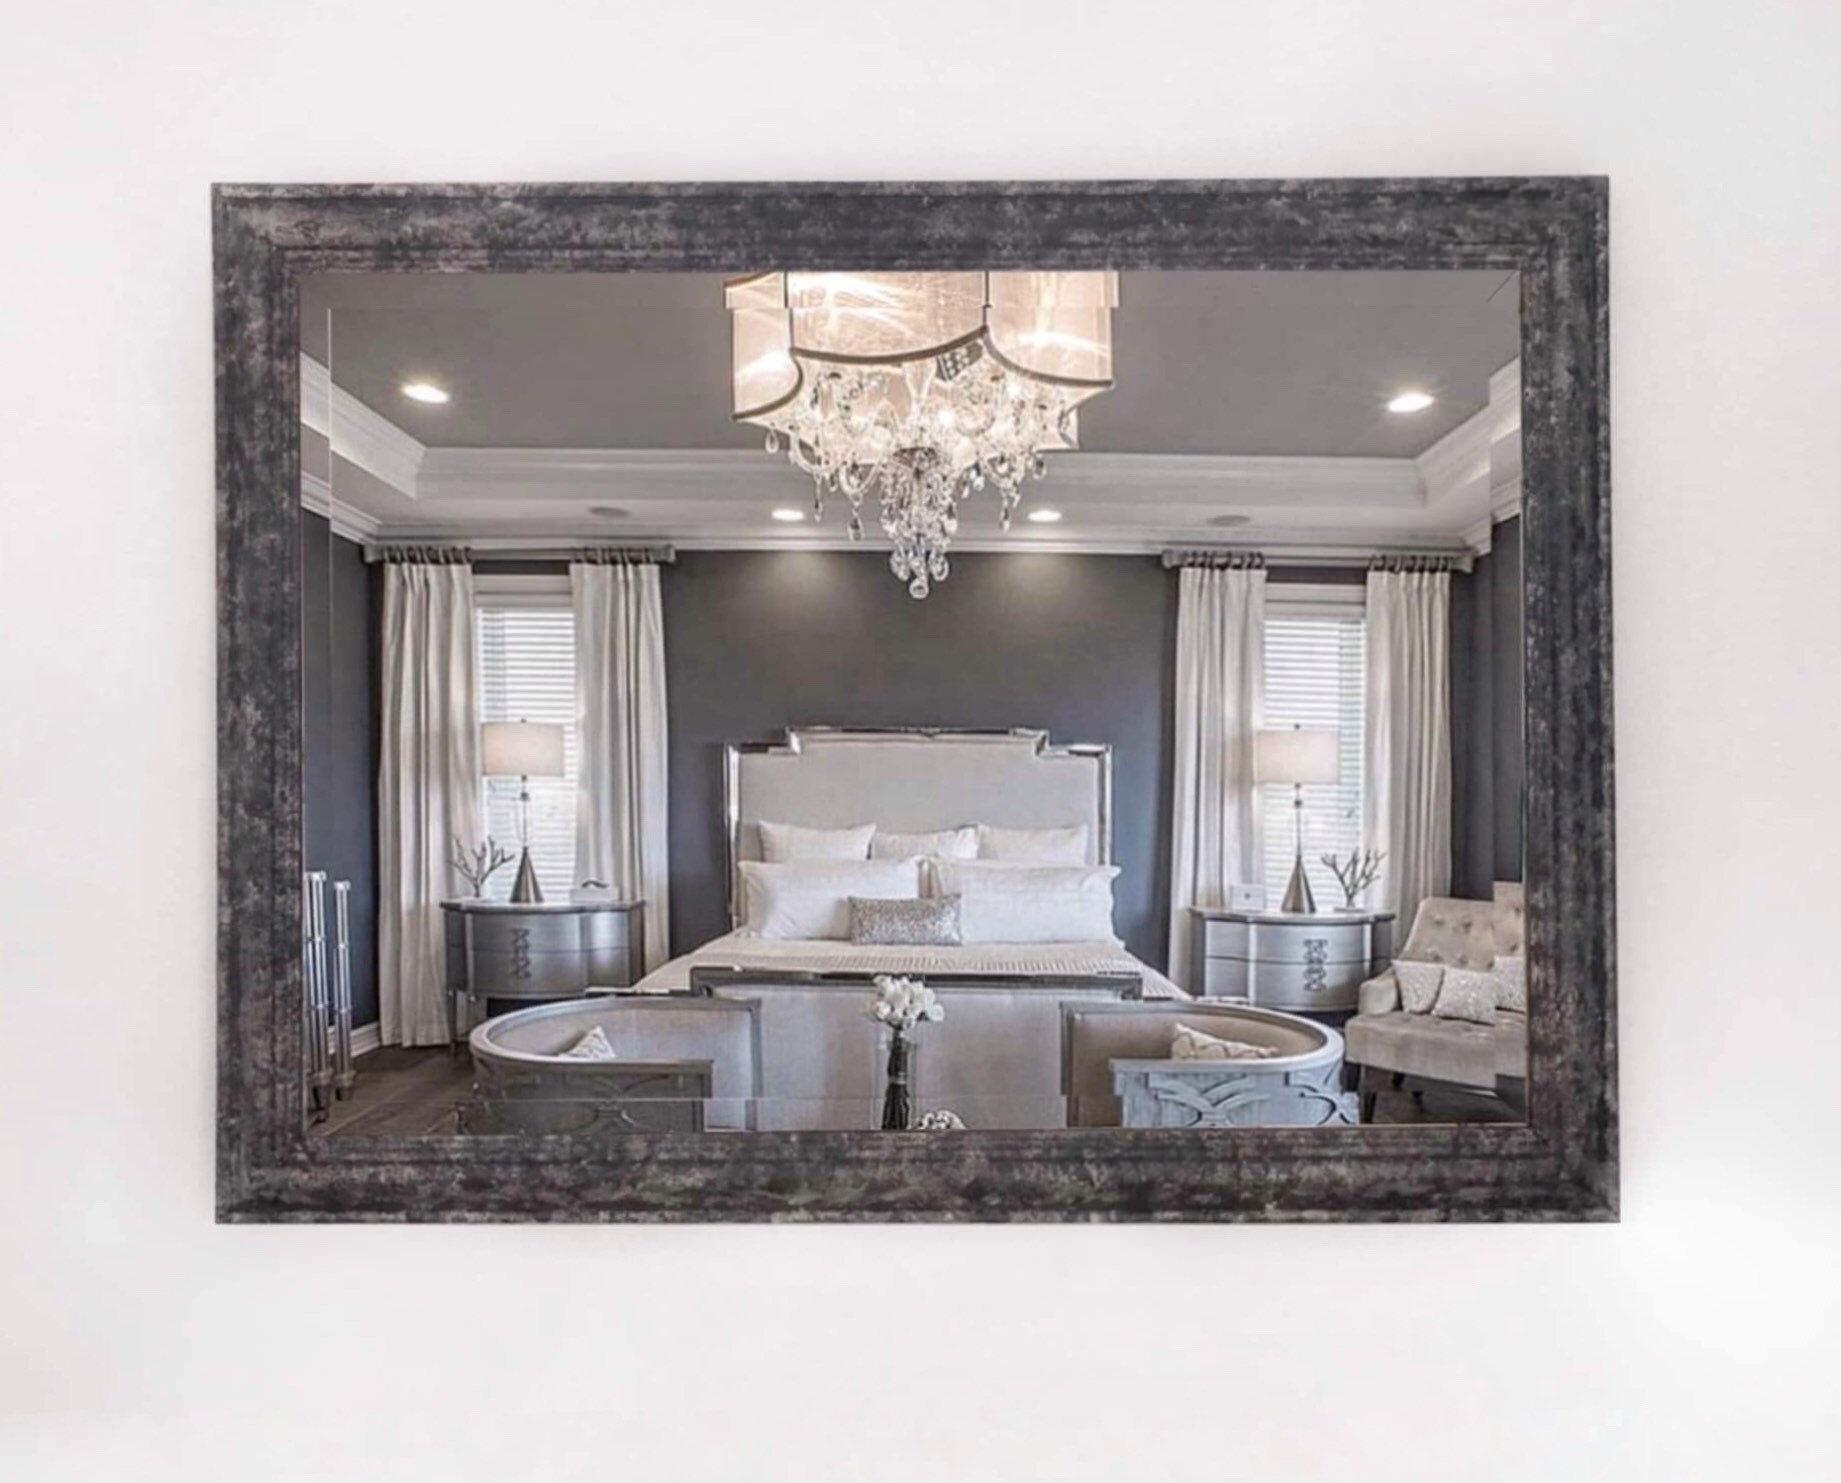 Mirror Wall Mirror Large Mirror Handpainted Grey Mirror Decorative Mirror Hanging Wall Mirror Framed Mirror Rectangular Mirror Vinterior